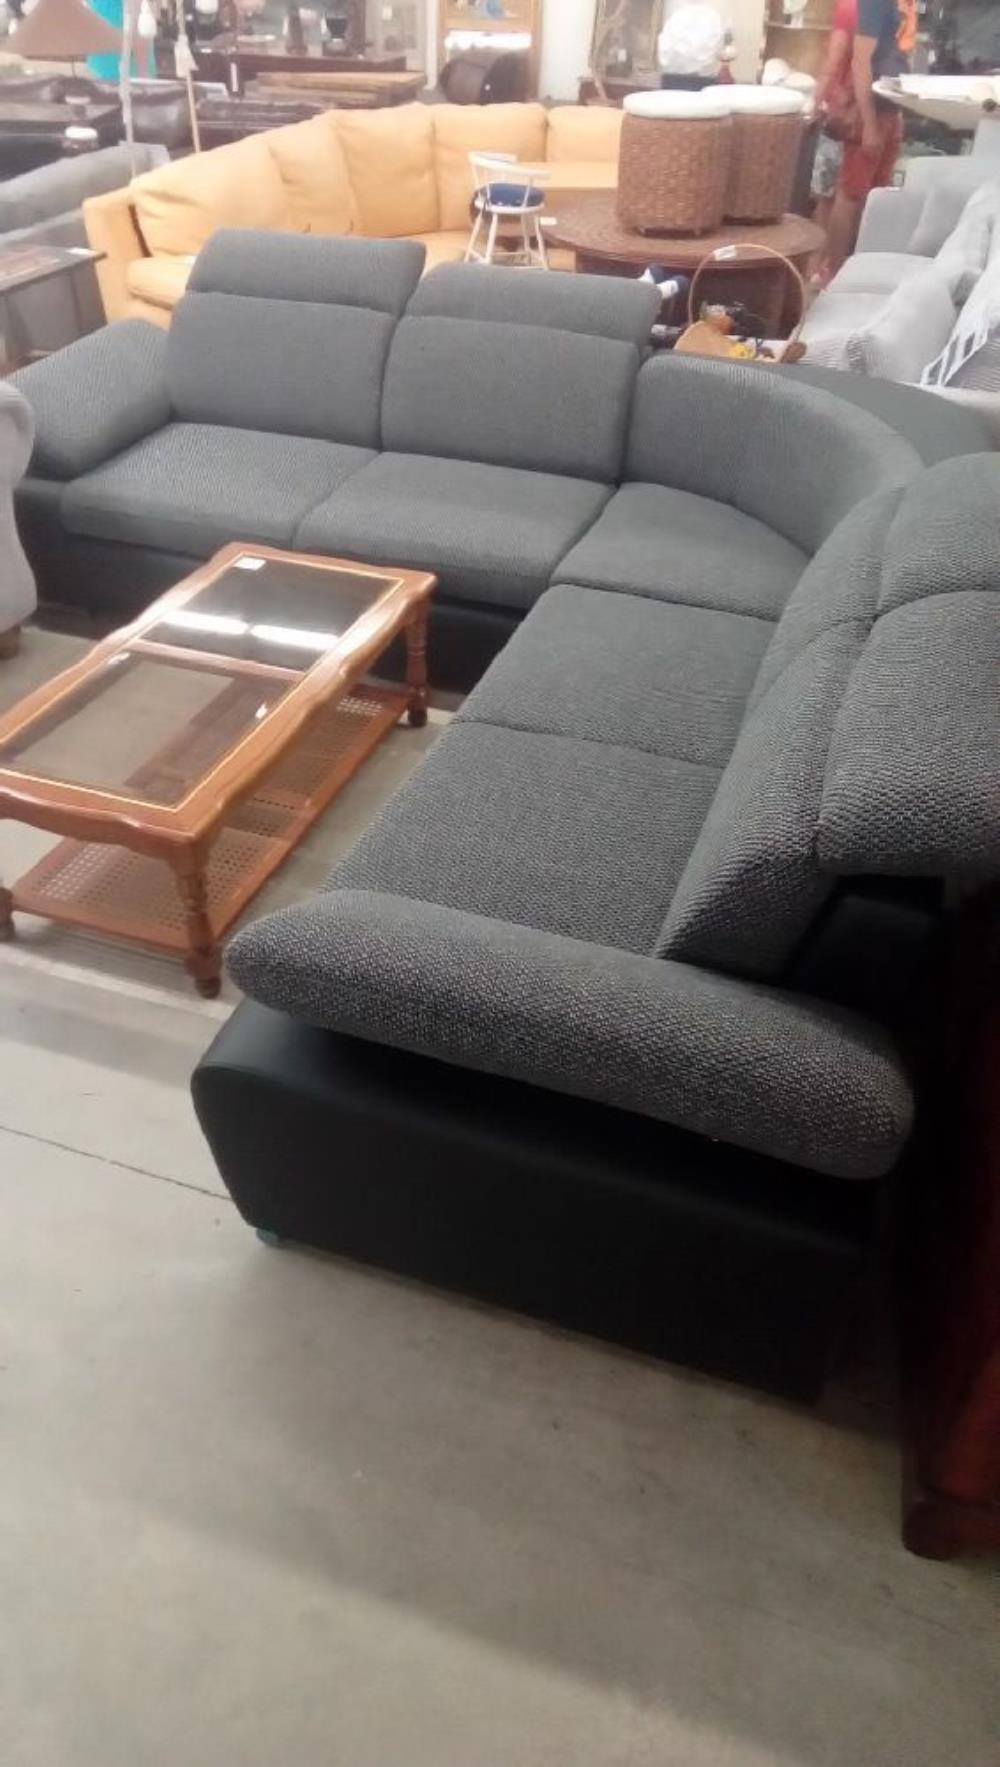 magasin canap nancy magasin de canape cuir pourquoi acheter un canapac cuir sur internet. Black Bedroom Furniture Sets. Home Design Ideas